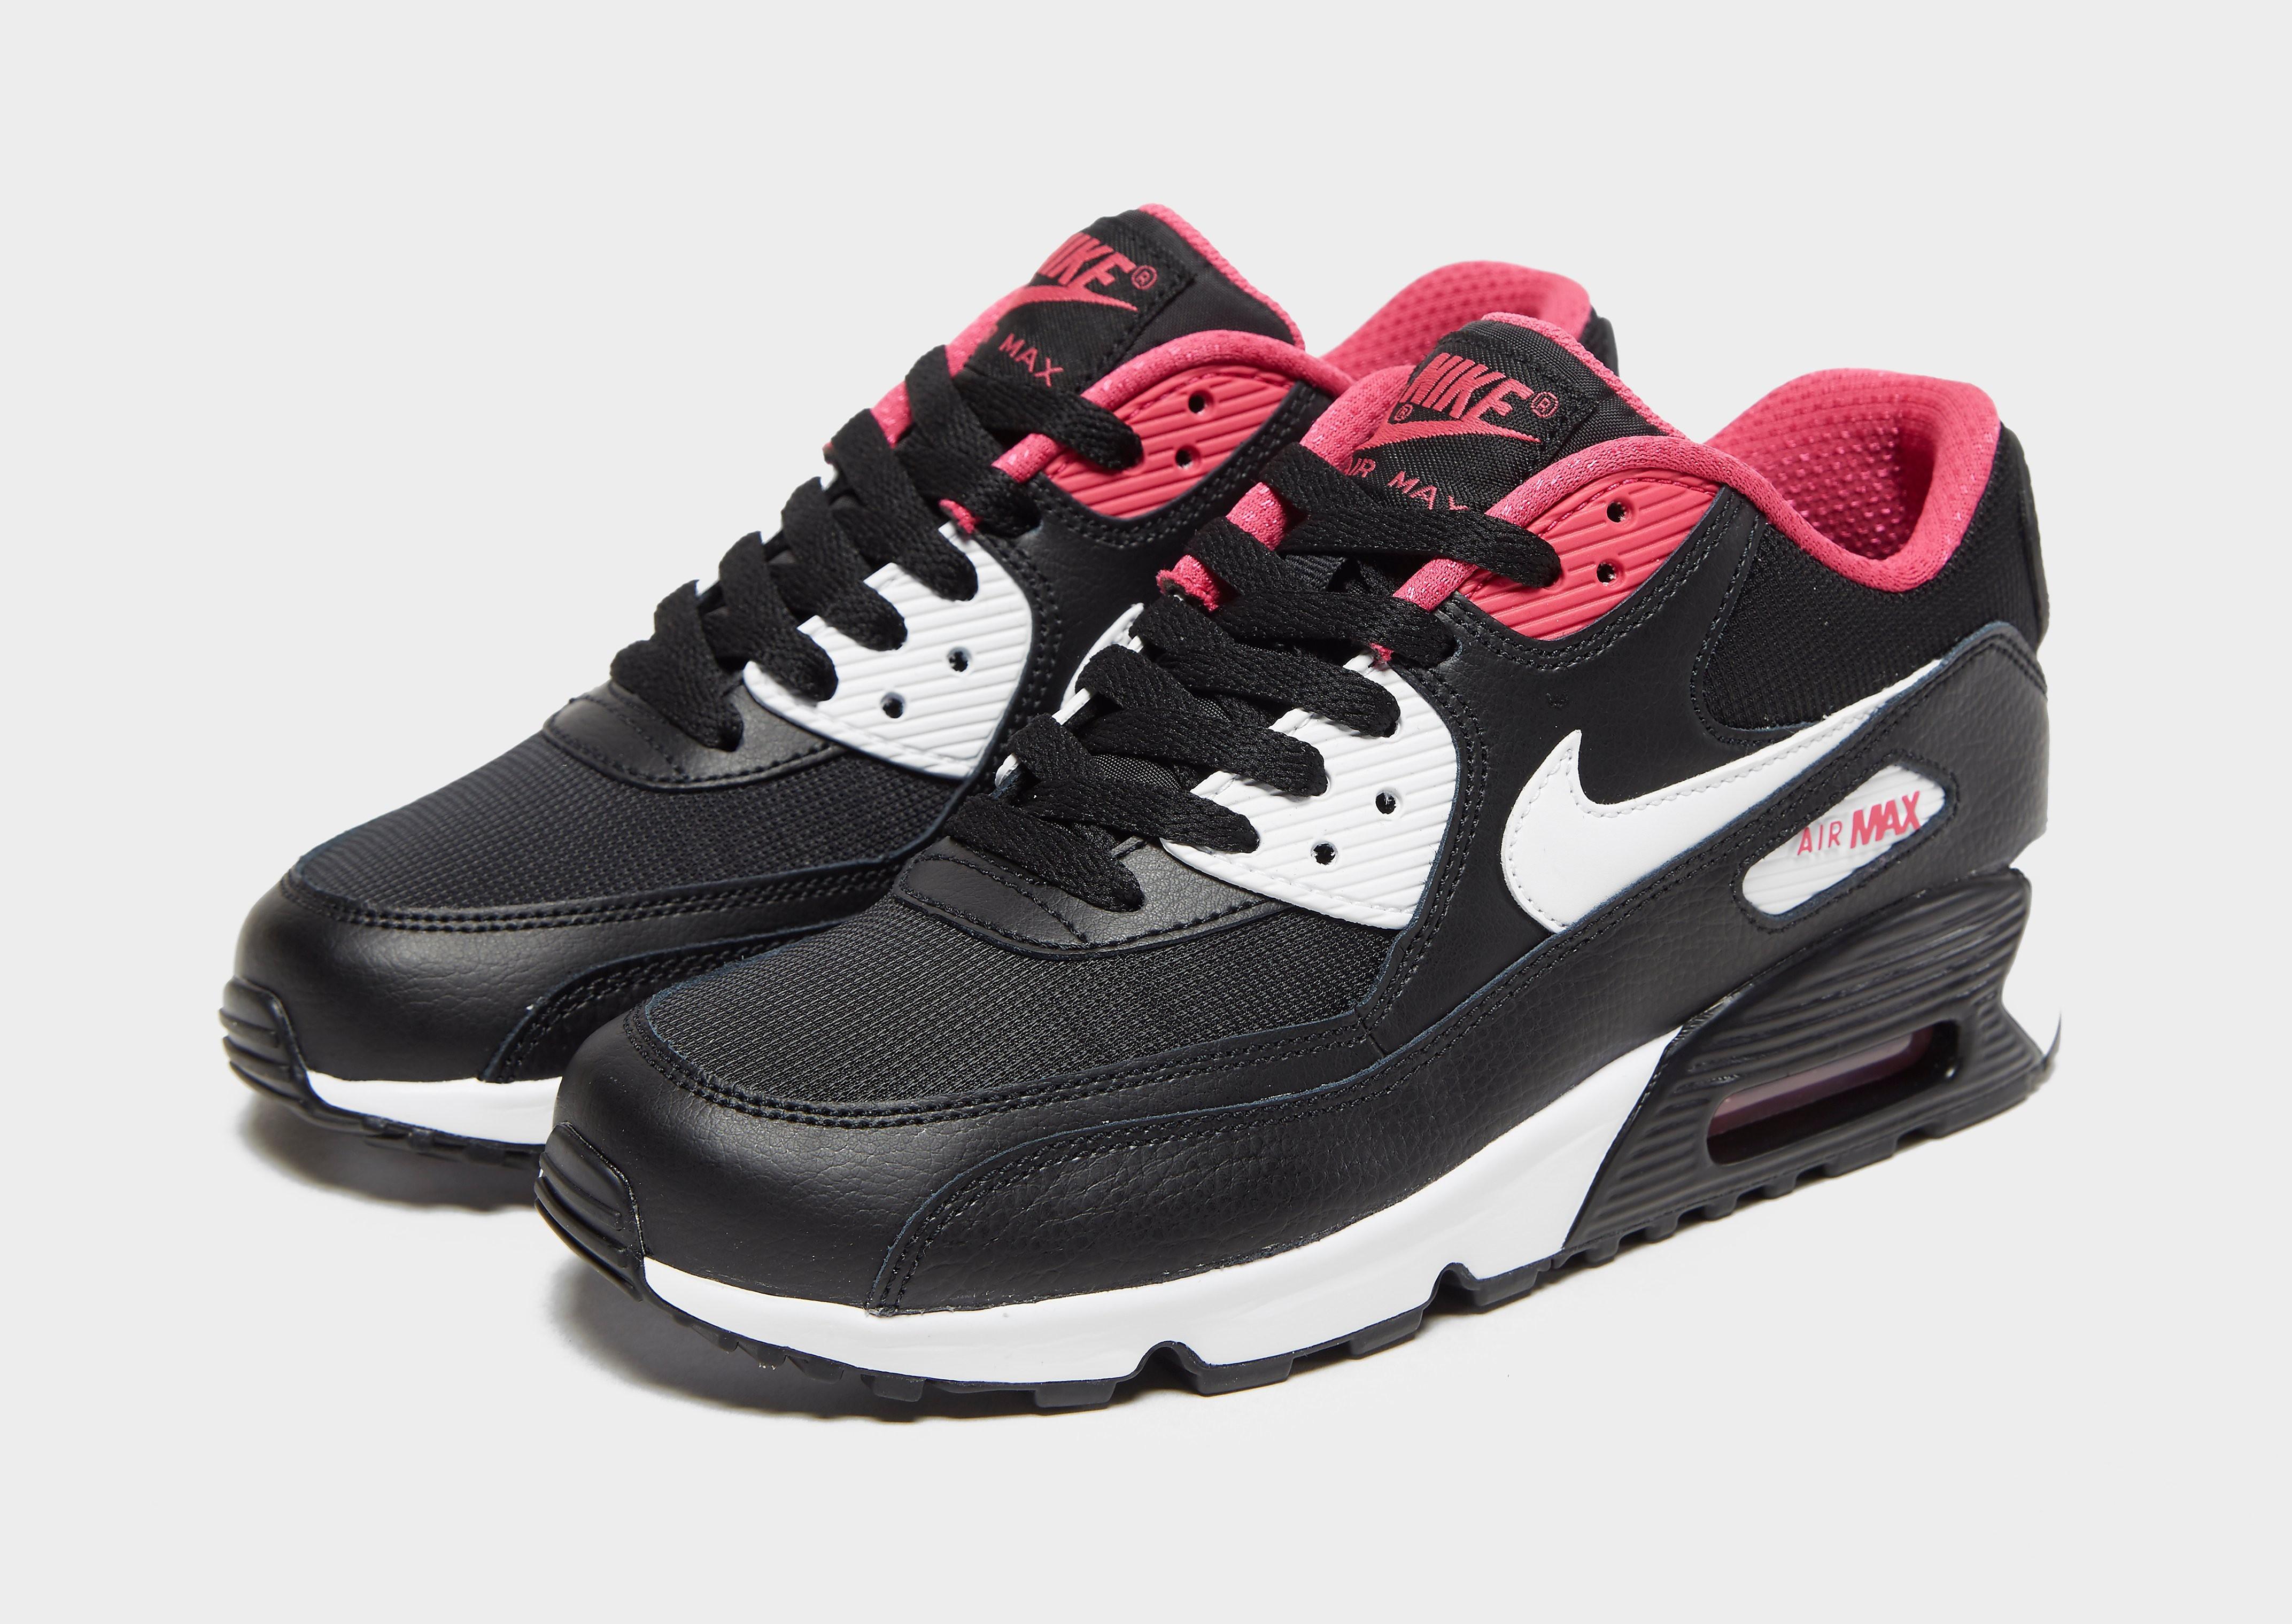 Nike Air Max 90 – Kinder